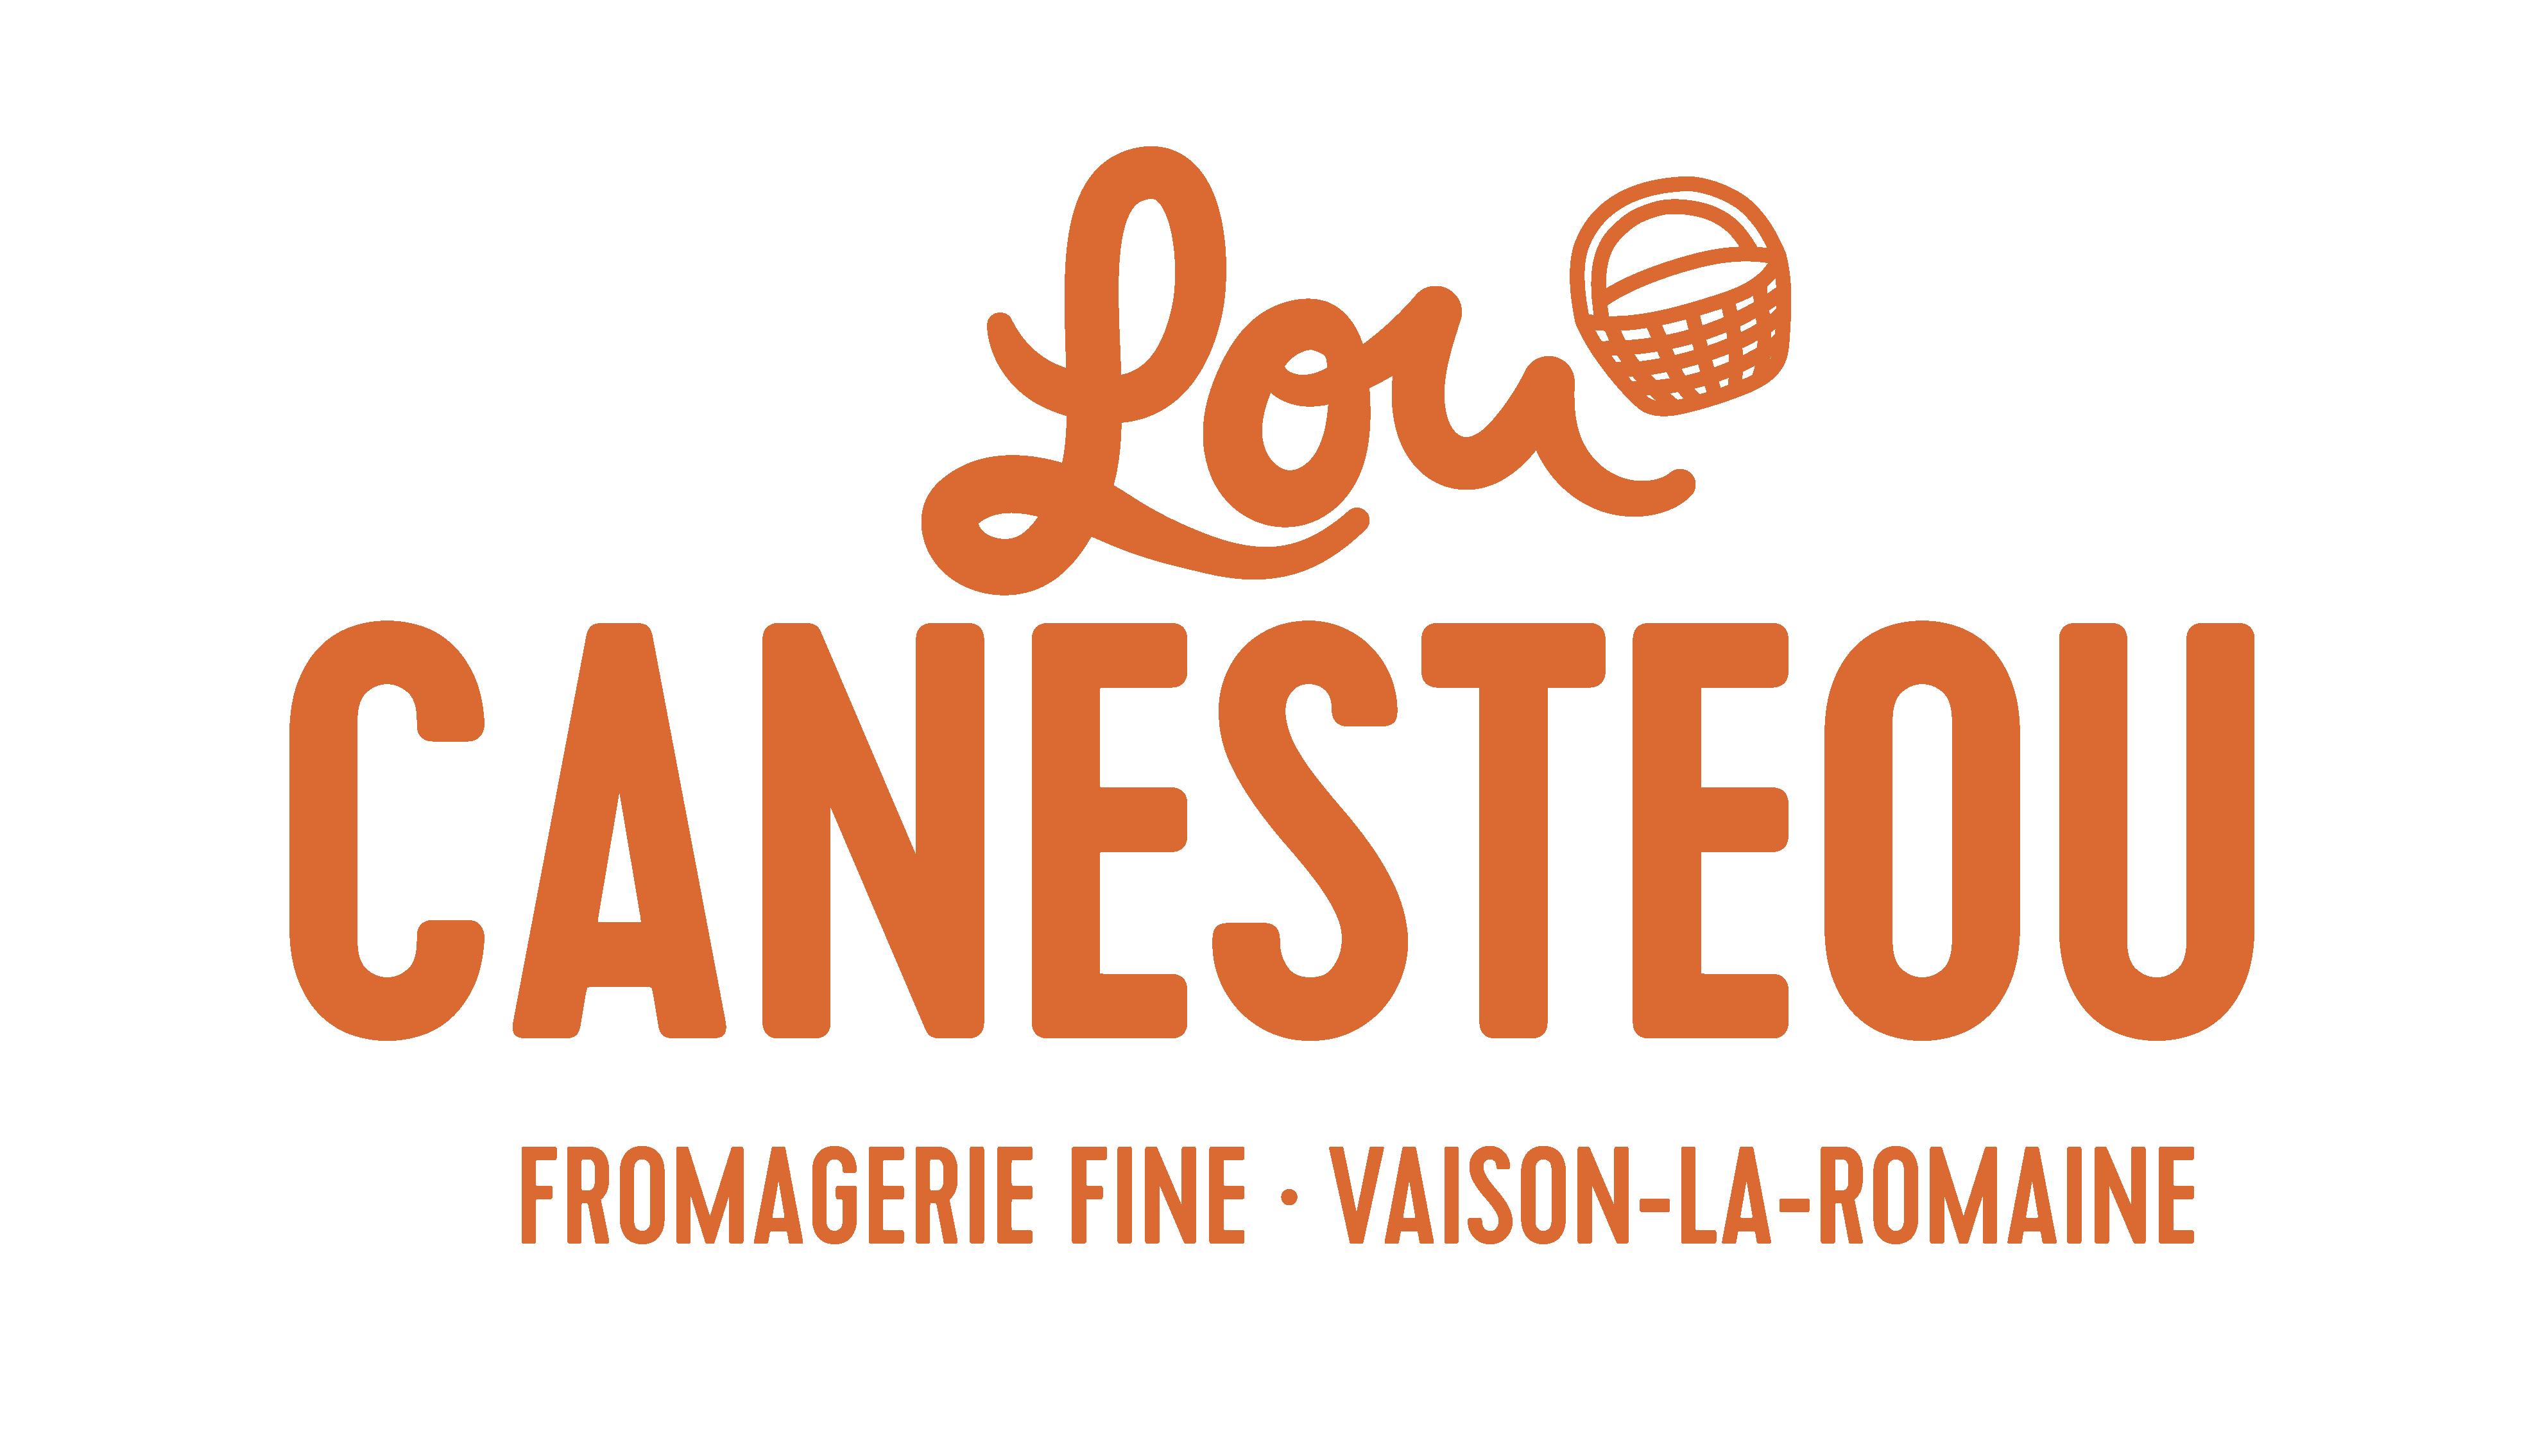 Lou Canesteou